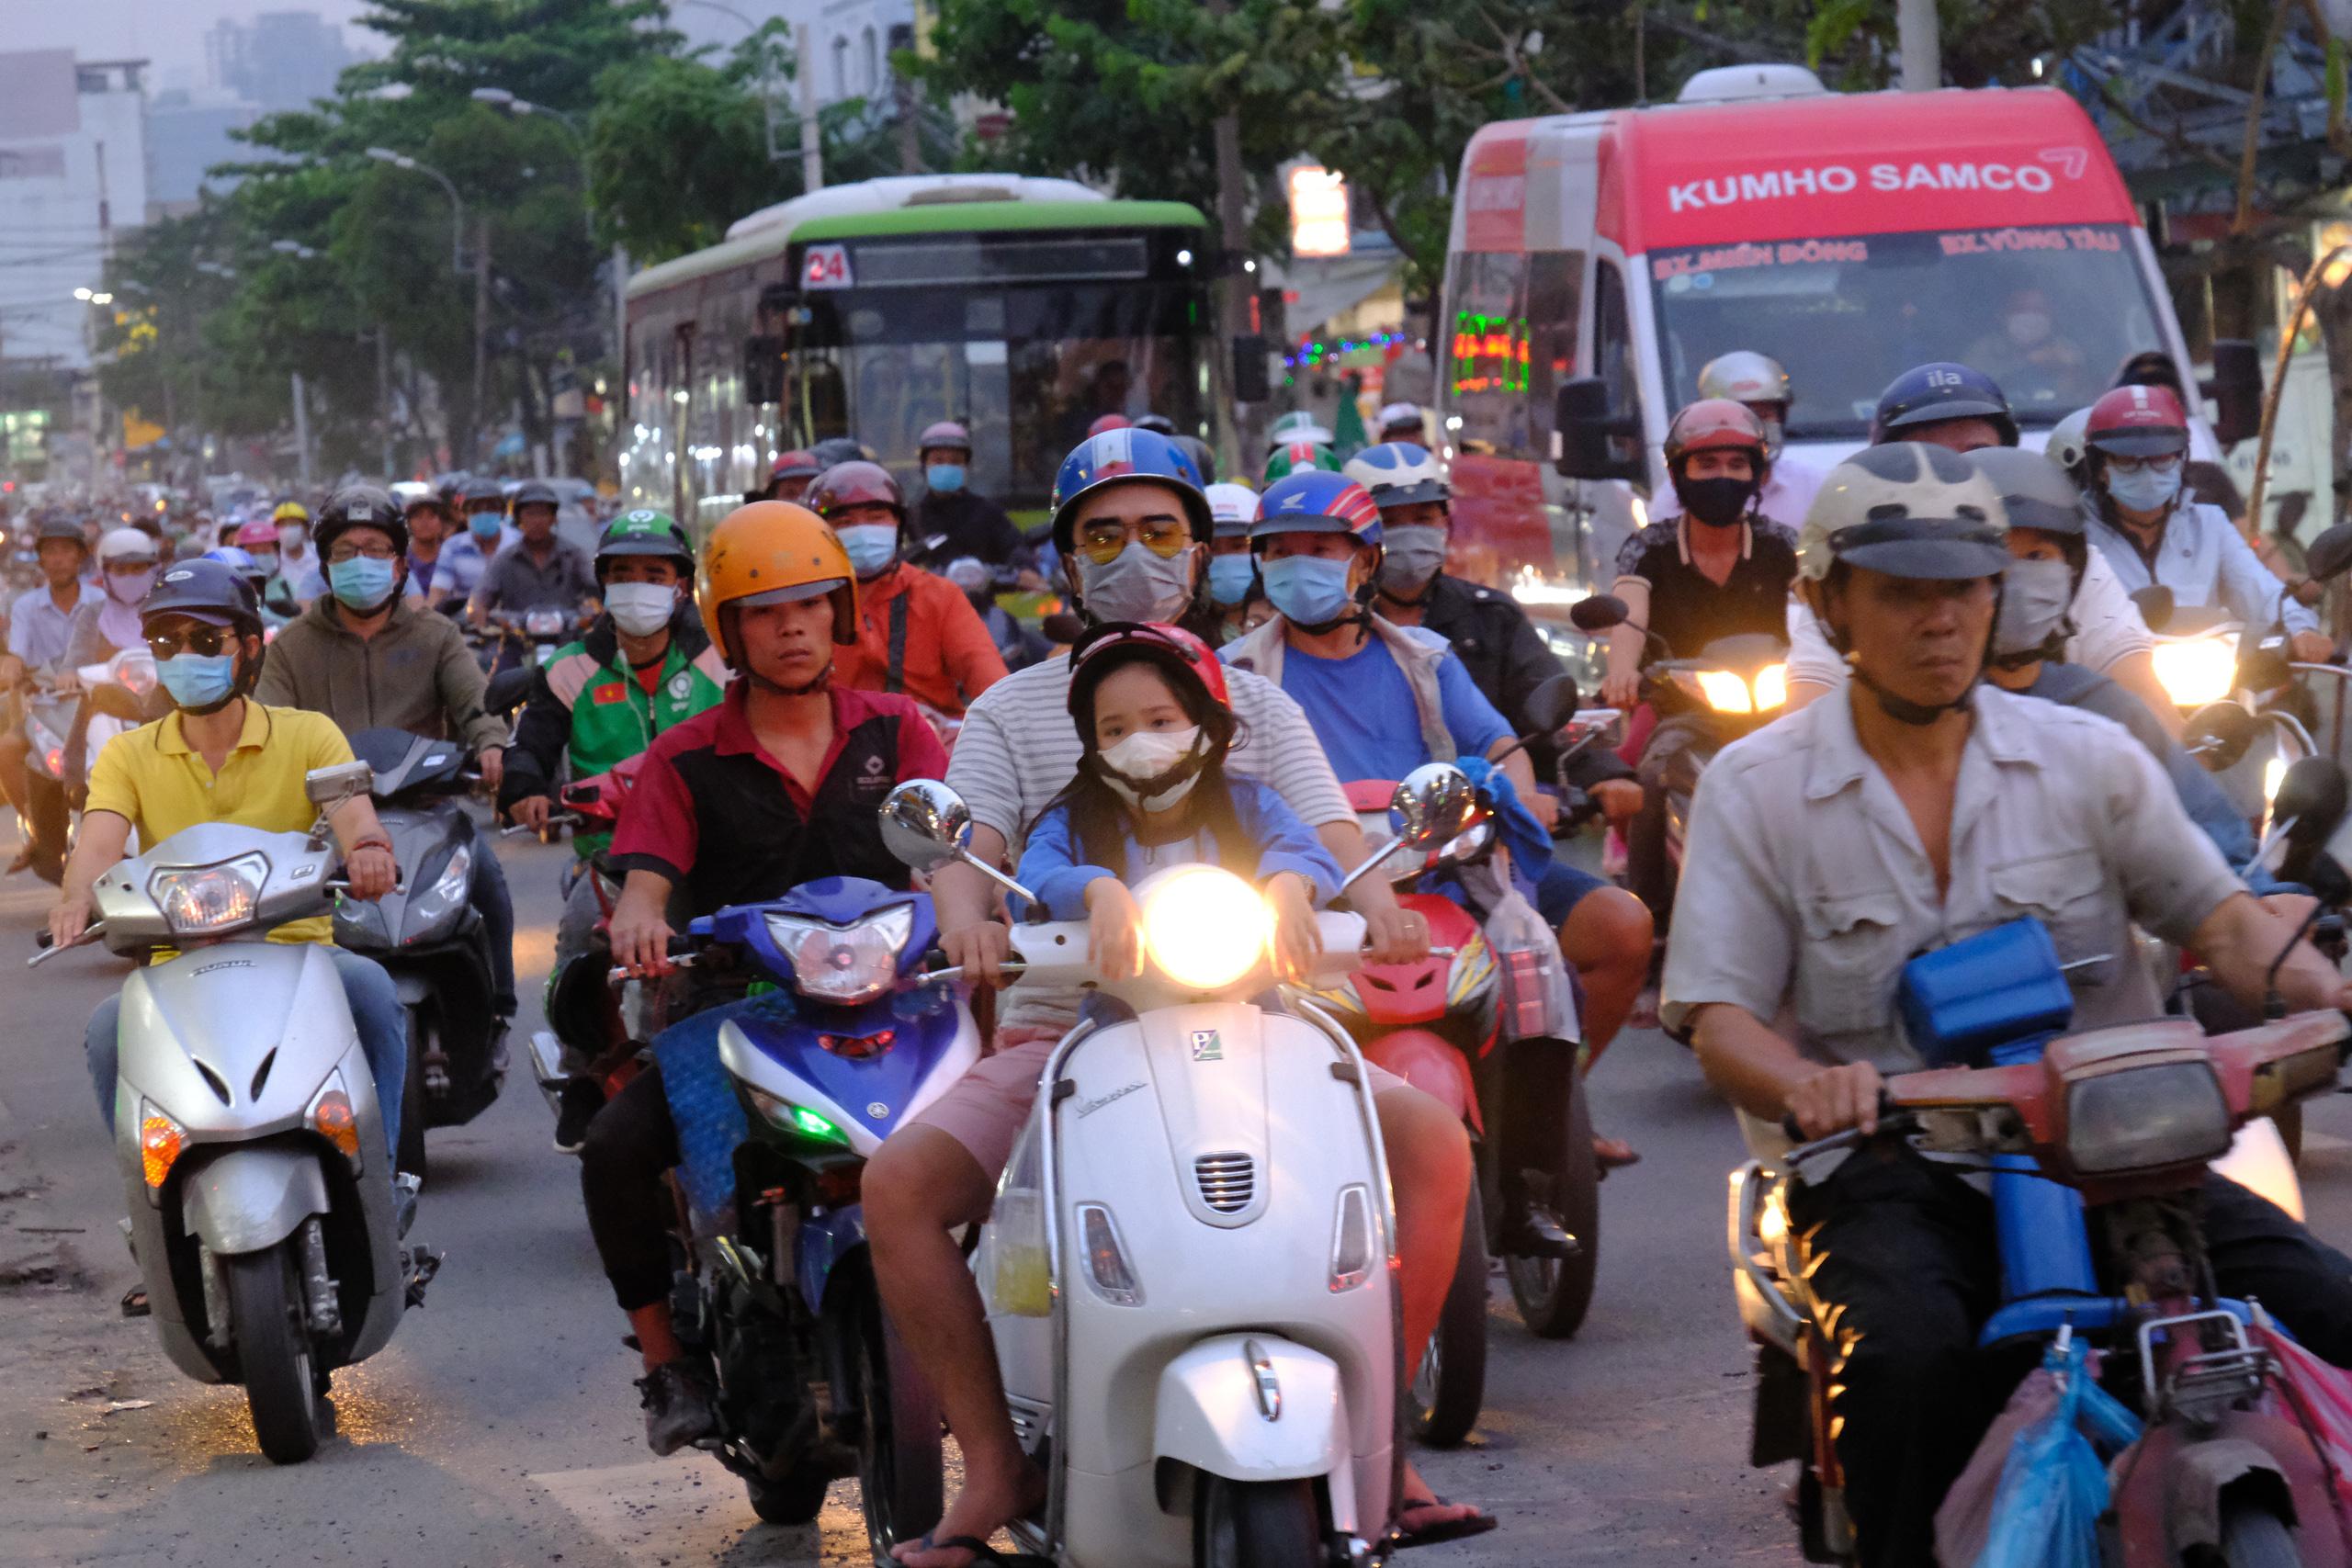 Chùm ảnh: Người dân ùn ùn kéo nhau về quê ăn Tết, Hà Nội tắc đường kinh hoàng chiều cuối năm - Ảnh 24.